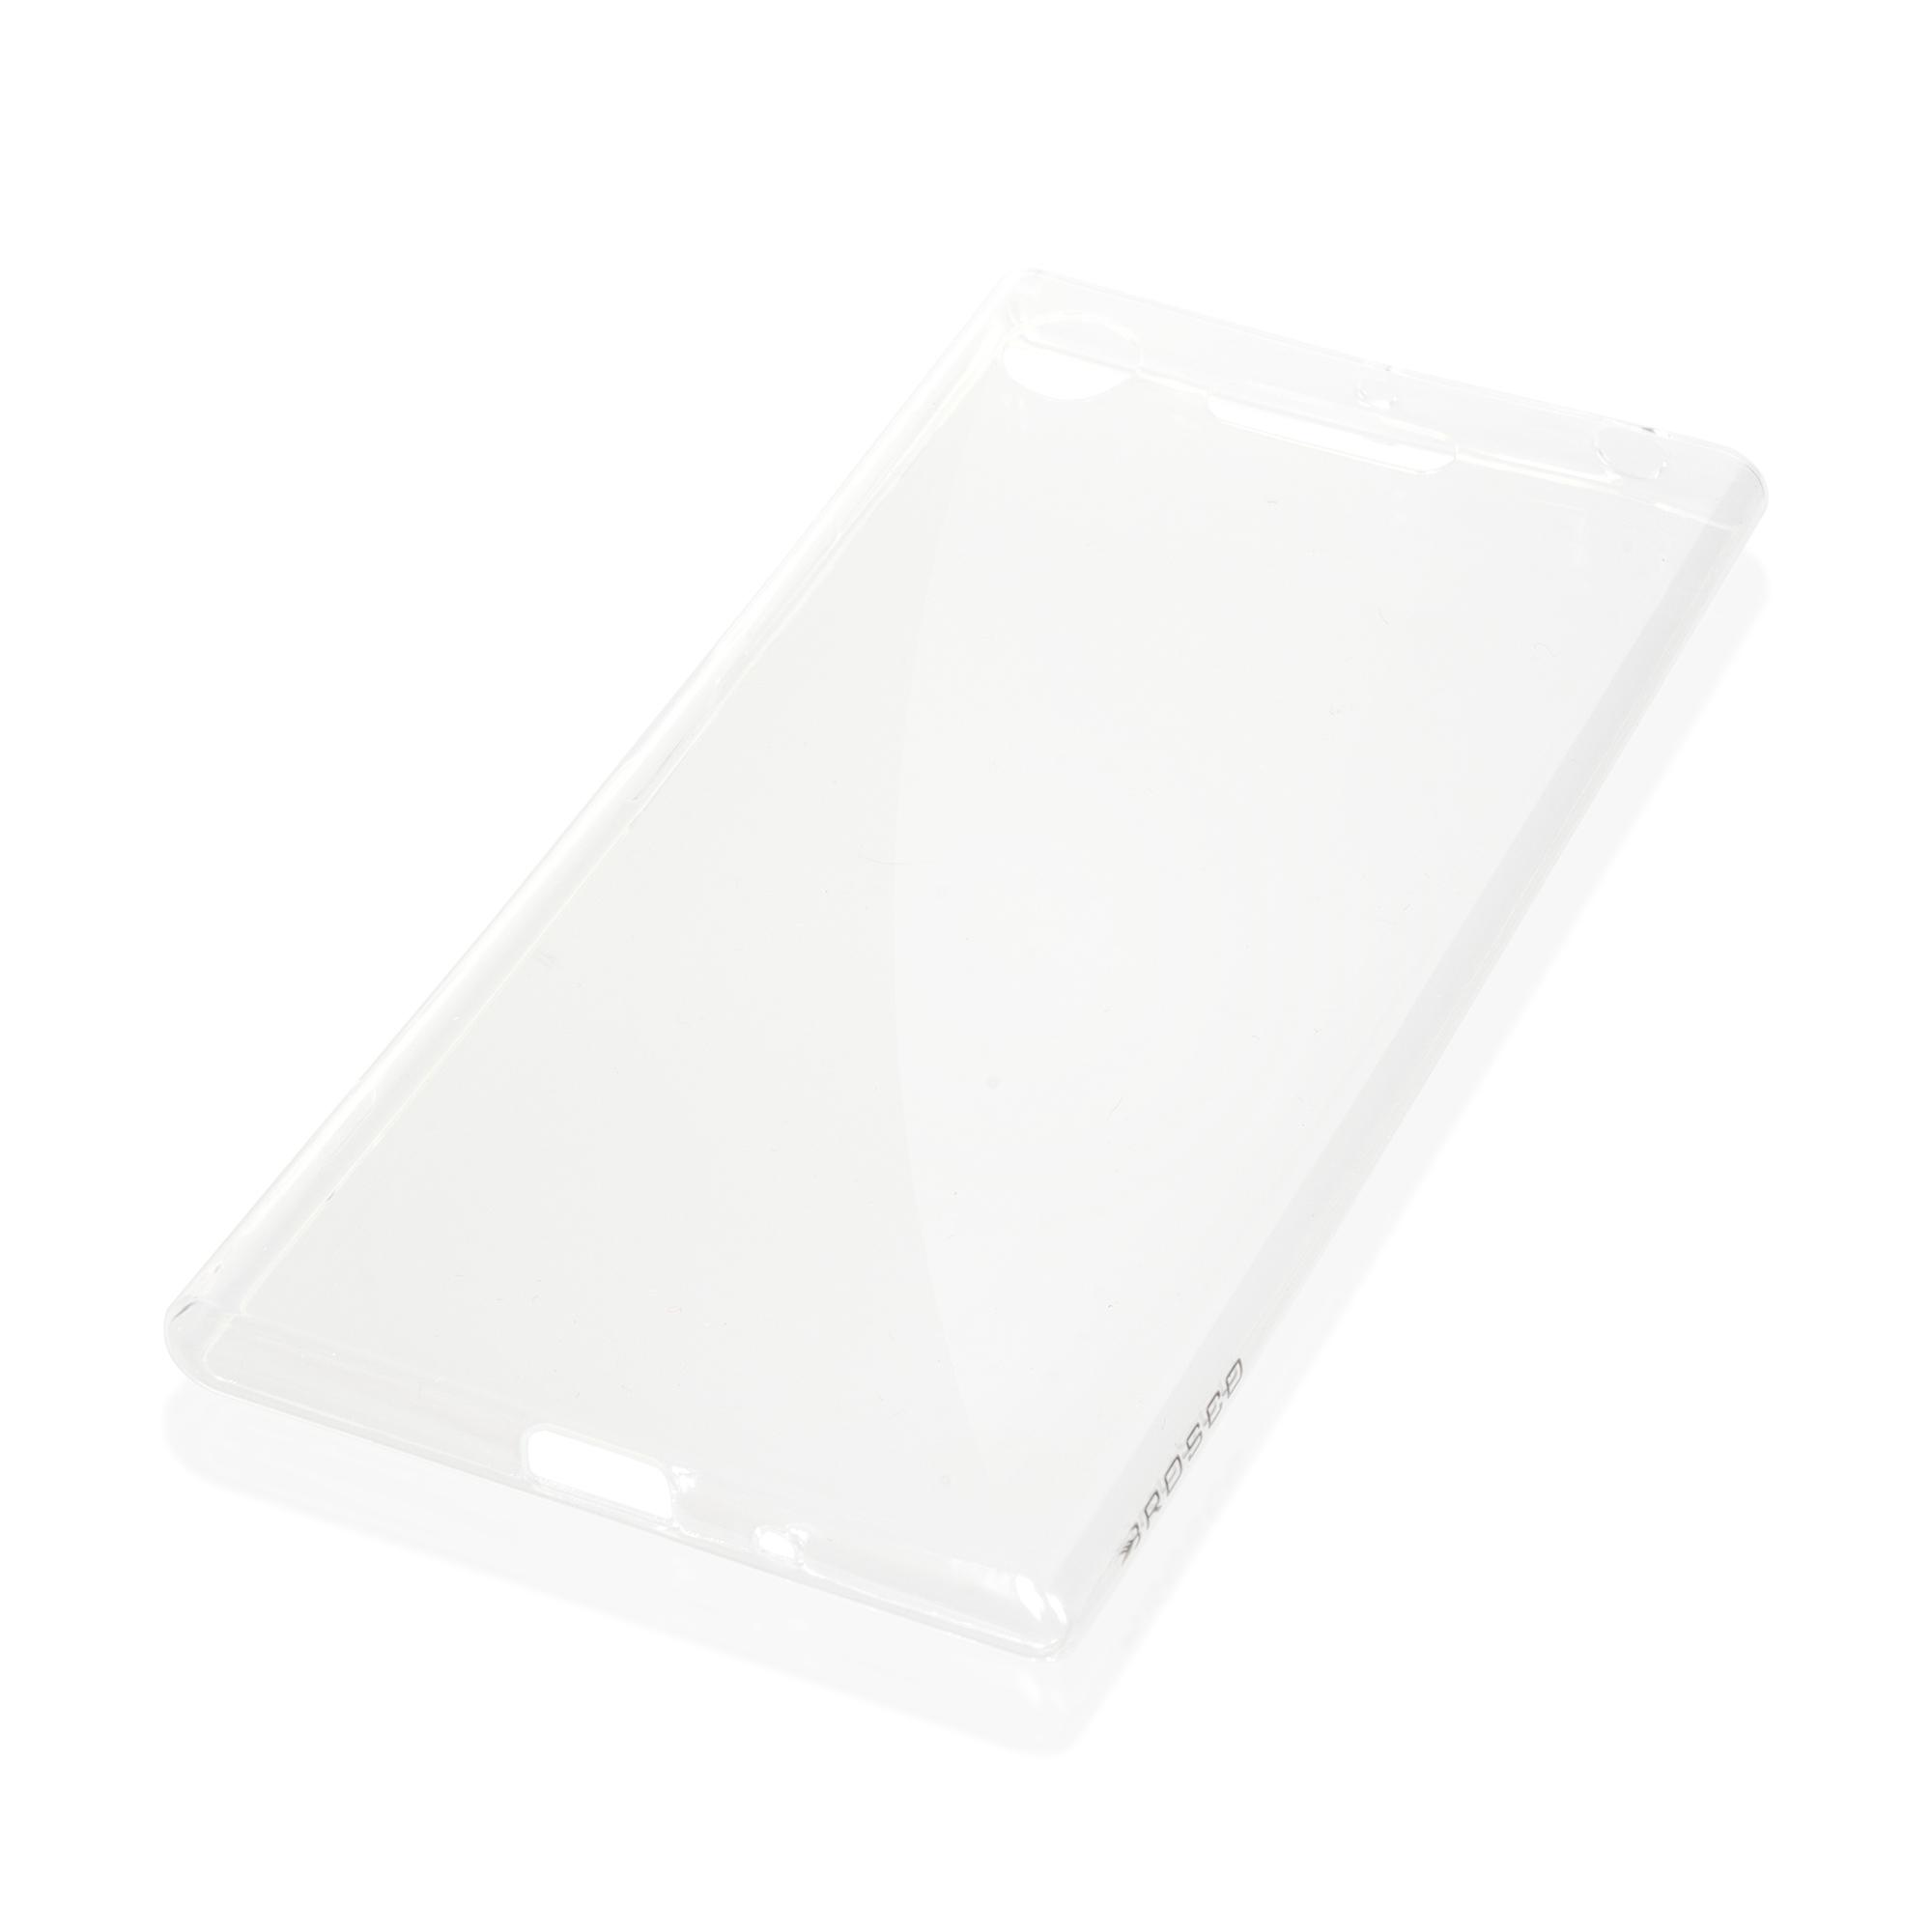 Купить силиконовый бампер для Xperia XZ1 в интернет-магазине Sony Centre